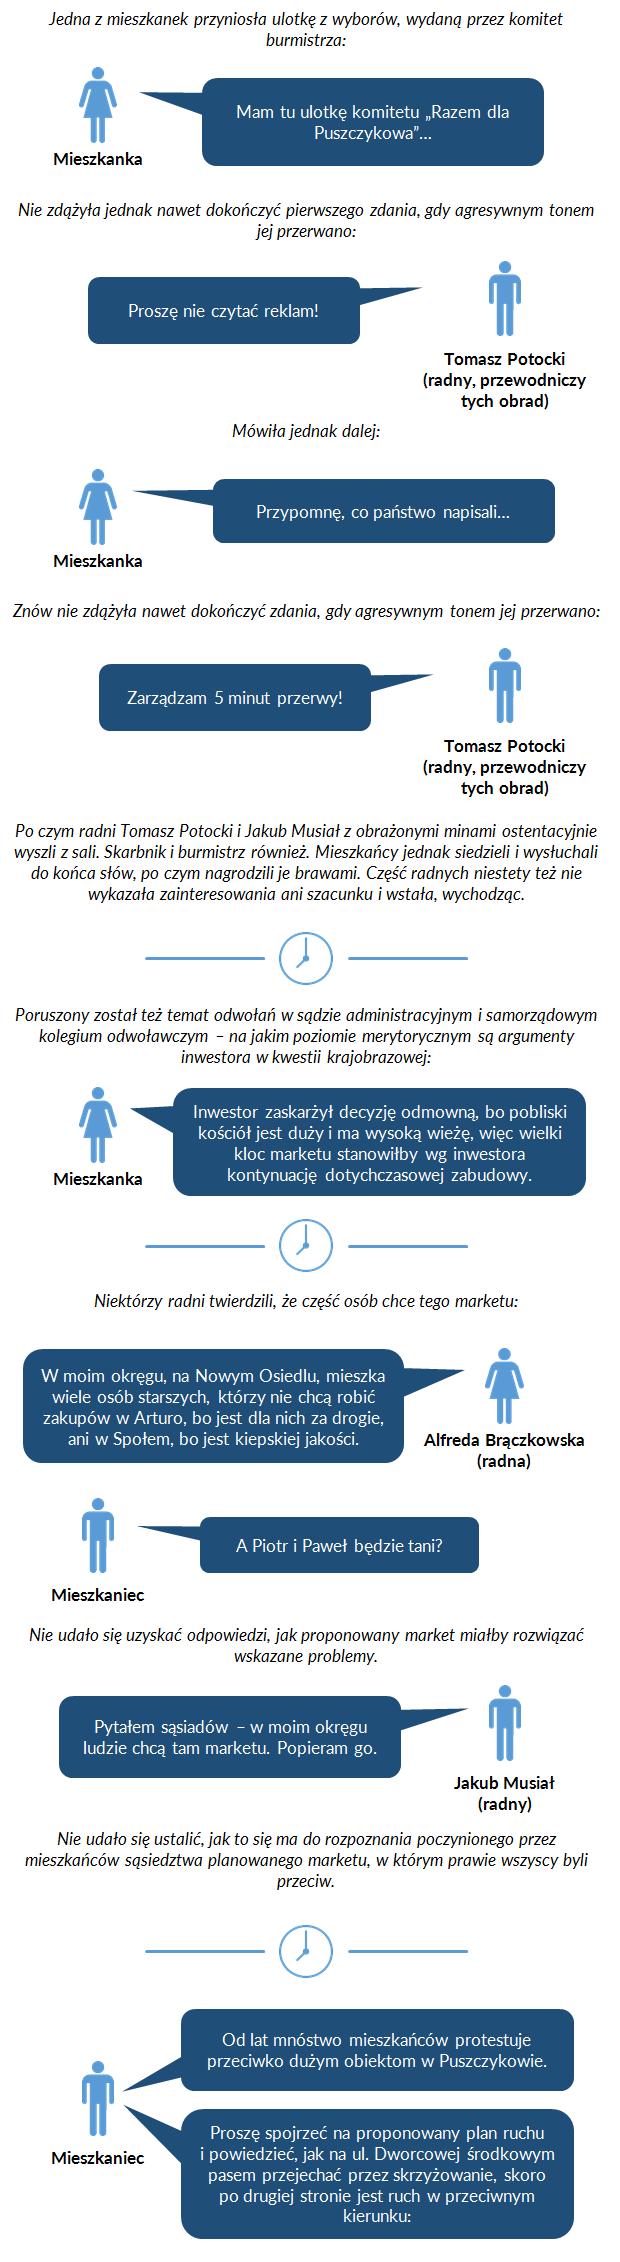 posiedzenie komisji ws marketu na Moniuszki 24102016 cz2